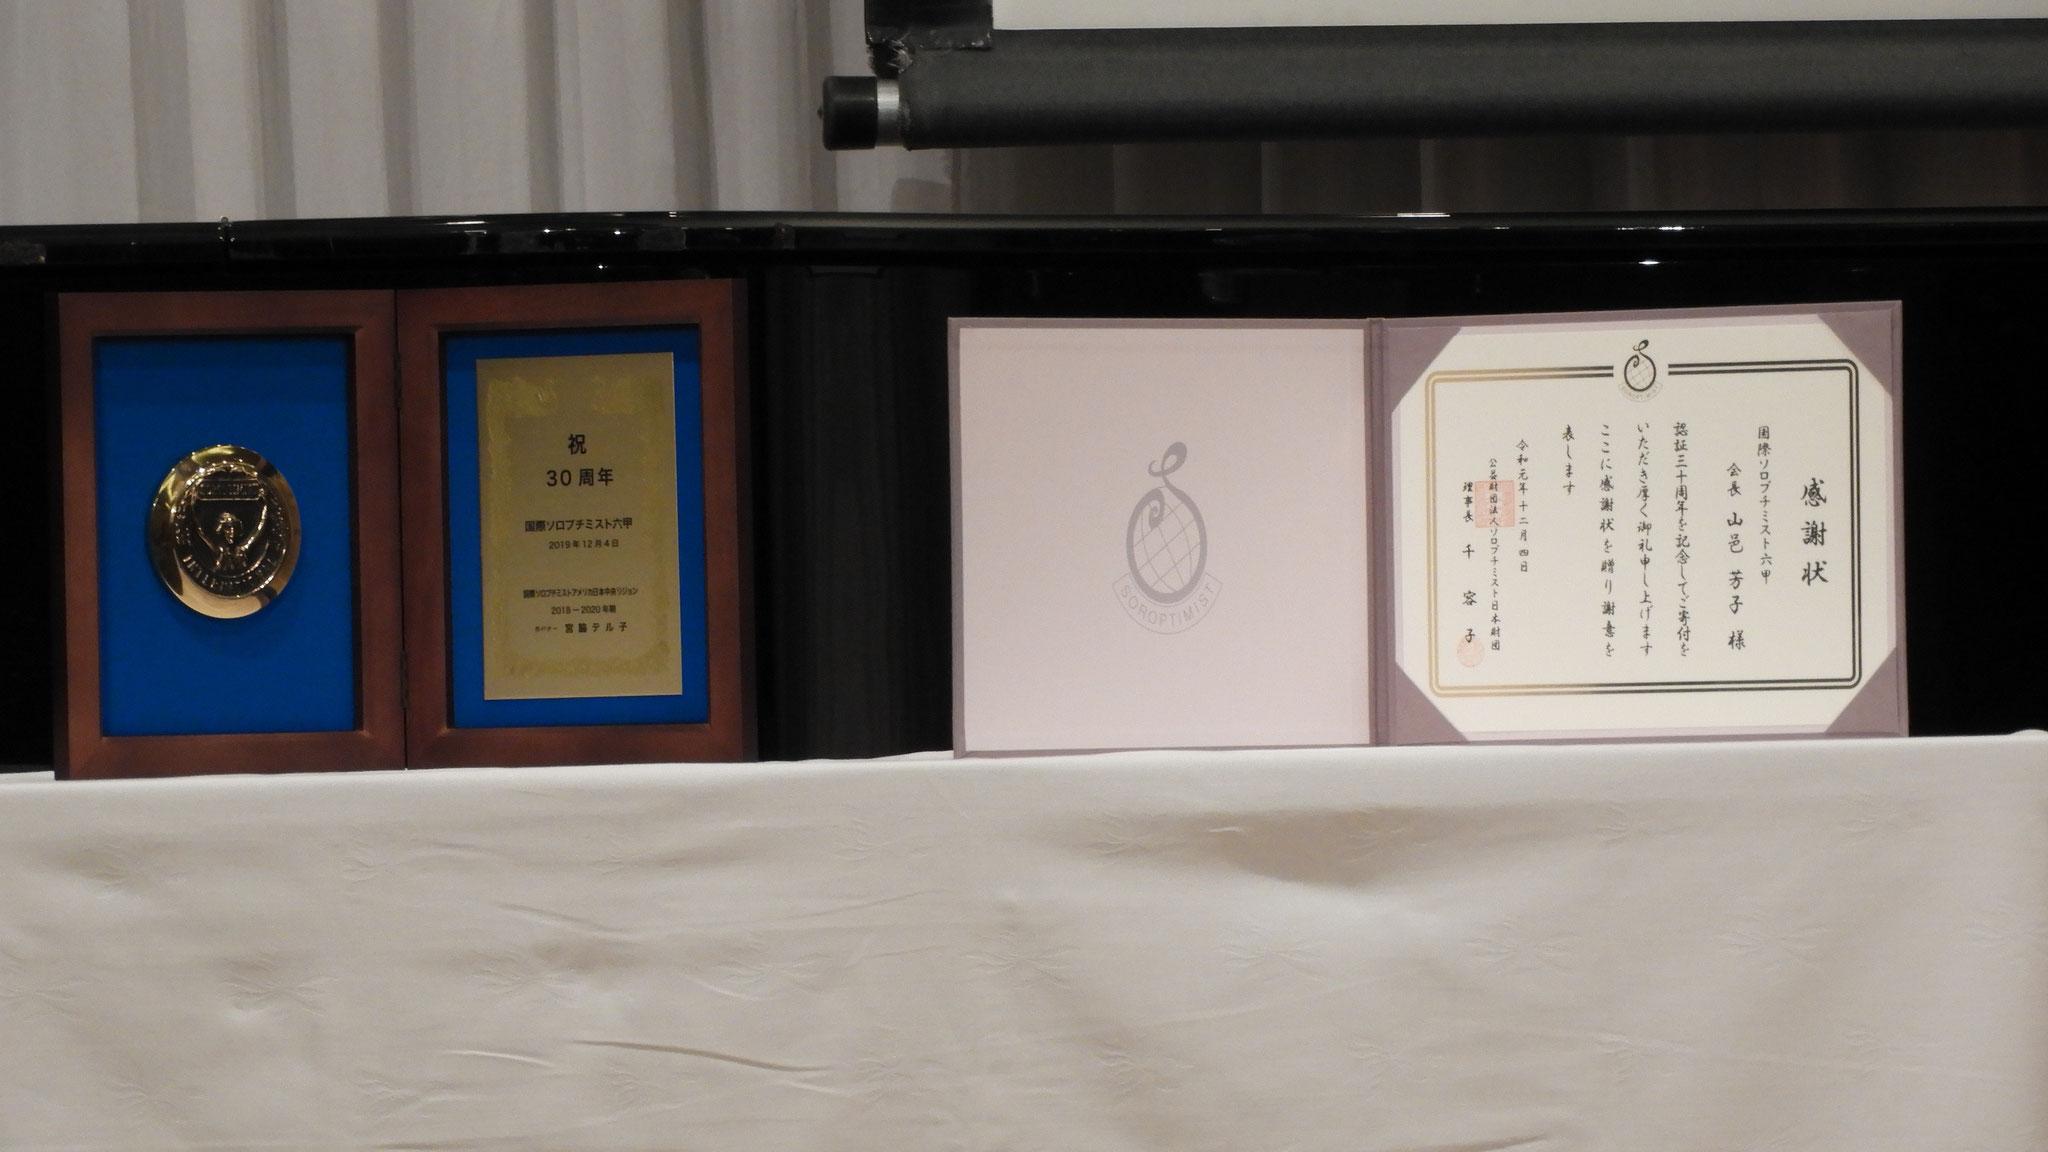 国際ソロプチミストアメリカ日本中央リジョンから授与 30周年記念楯